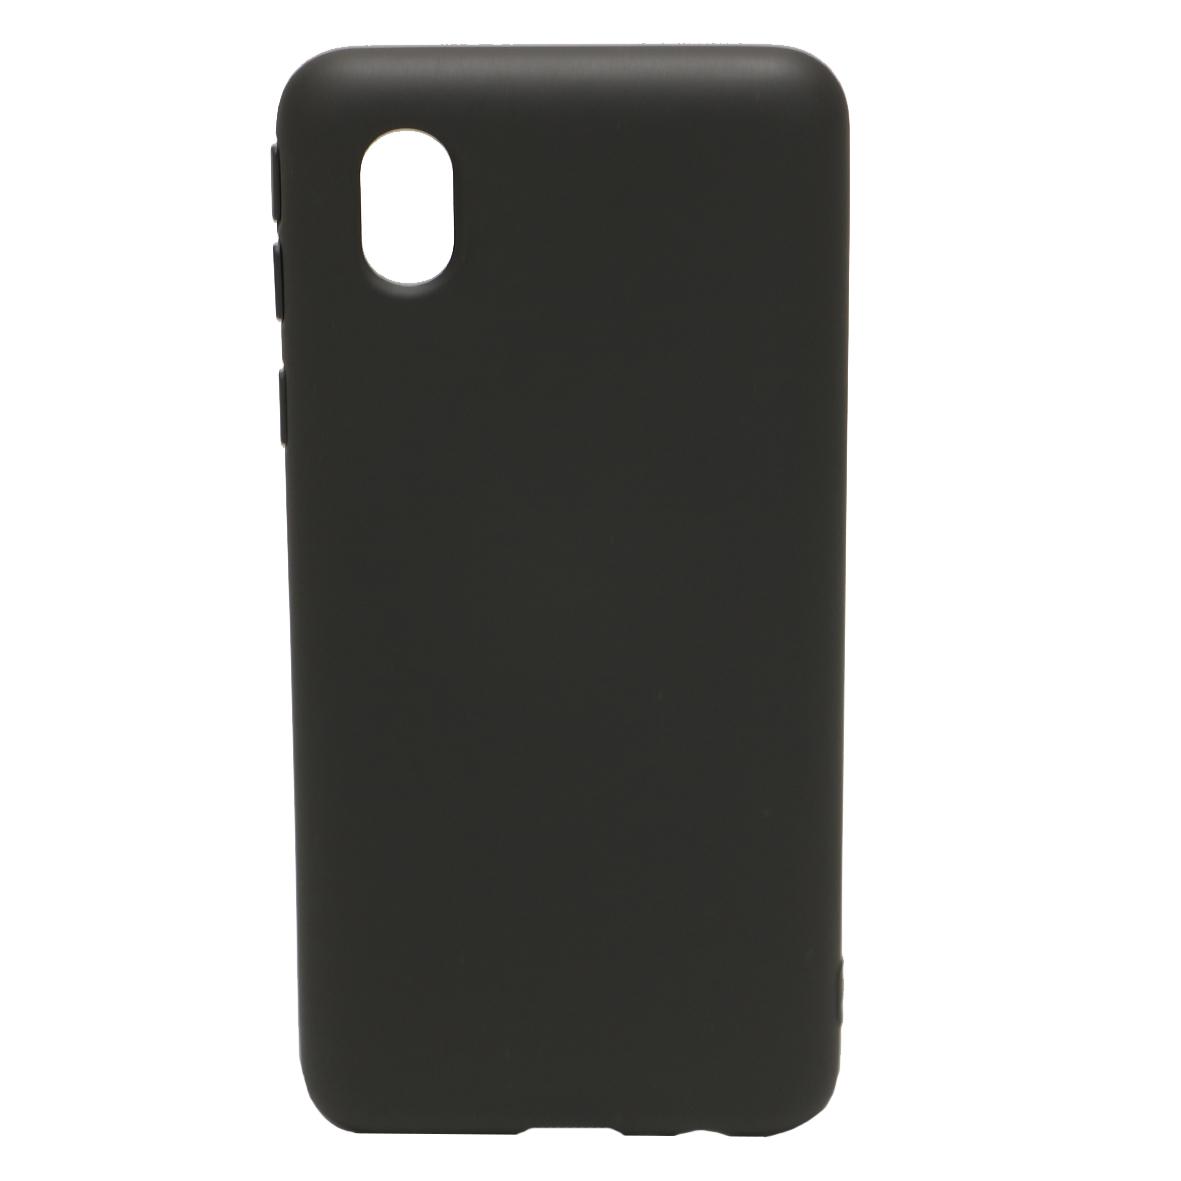 کاور مدل SCN2 مناسب برای گوشی موبایل سامسونگ Galaxy A01 core